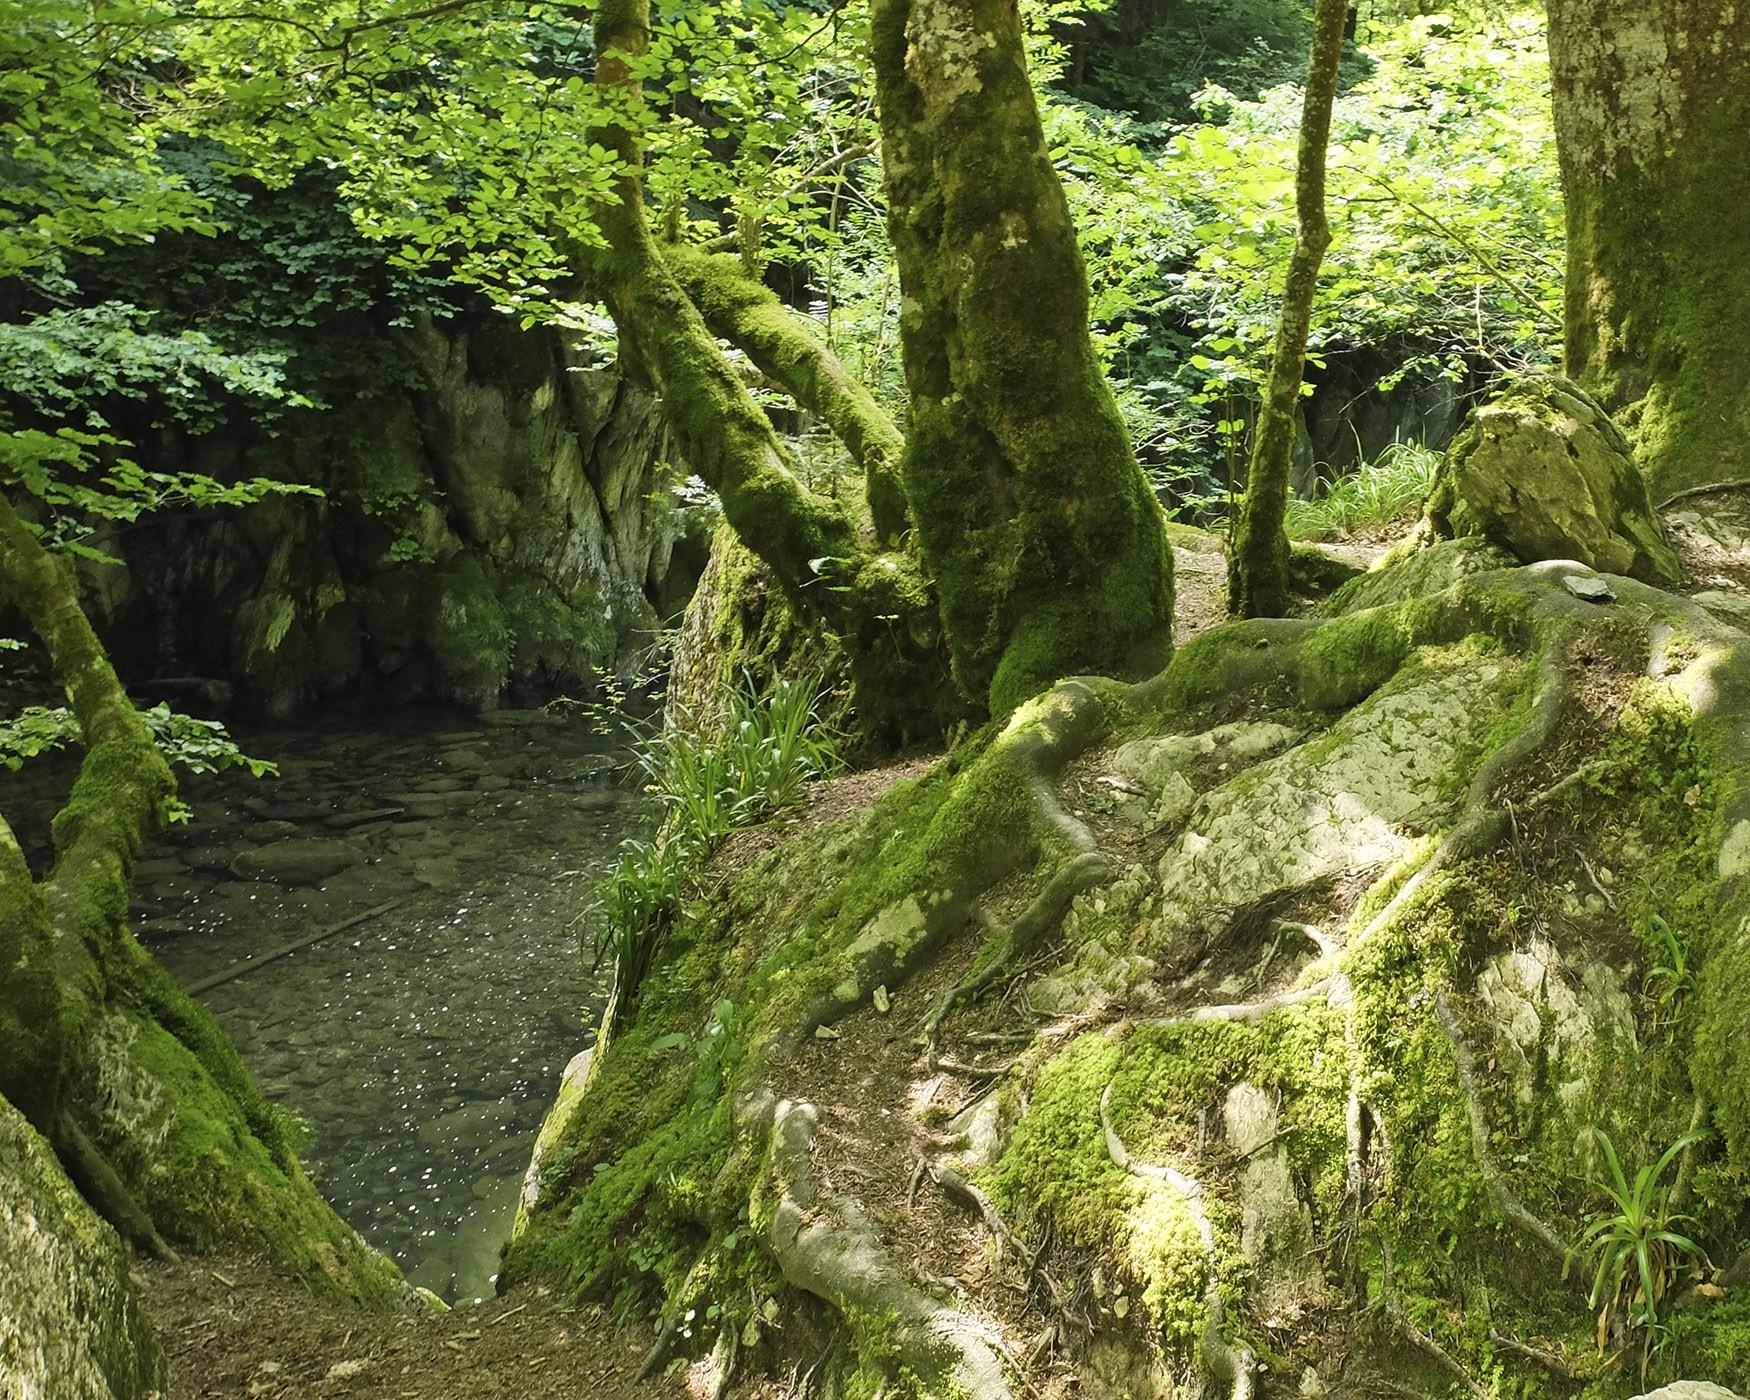 Fotografía en color de la selva de Irati en Navarra. Un bosque lleno de hayas, abetos y otros árboles. Sombra junto al estanque y las piedras cubiertas de musgo bajo la sombra.